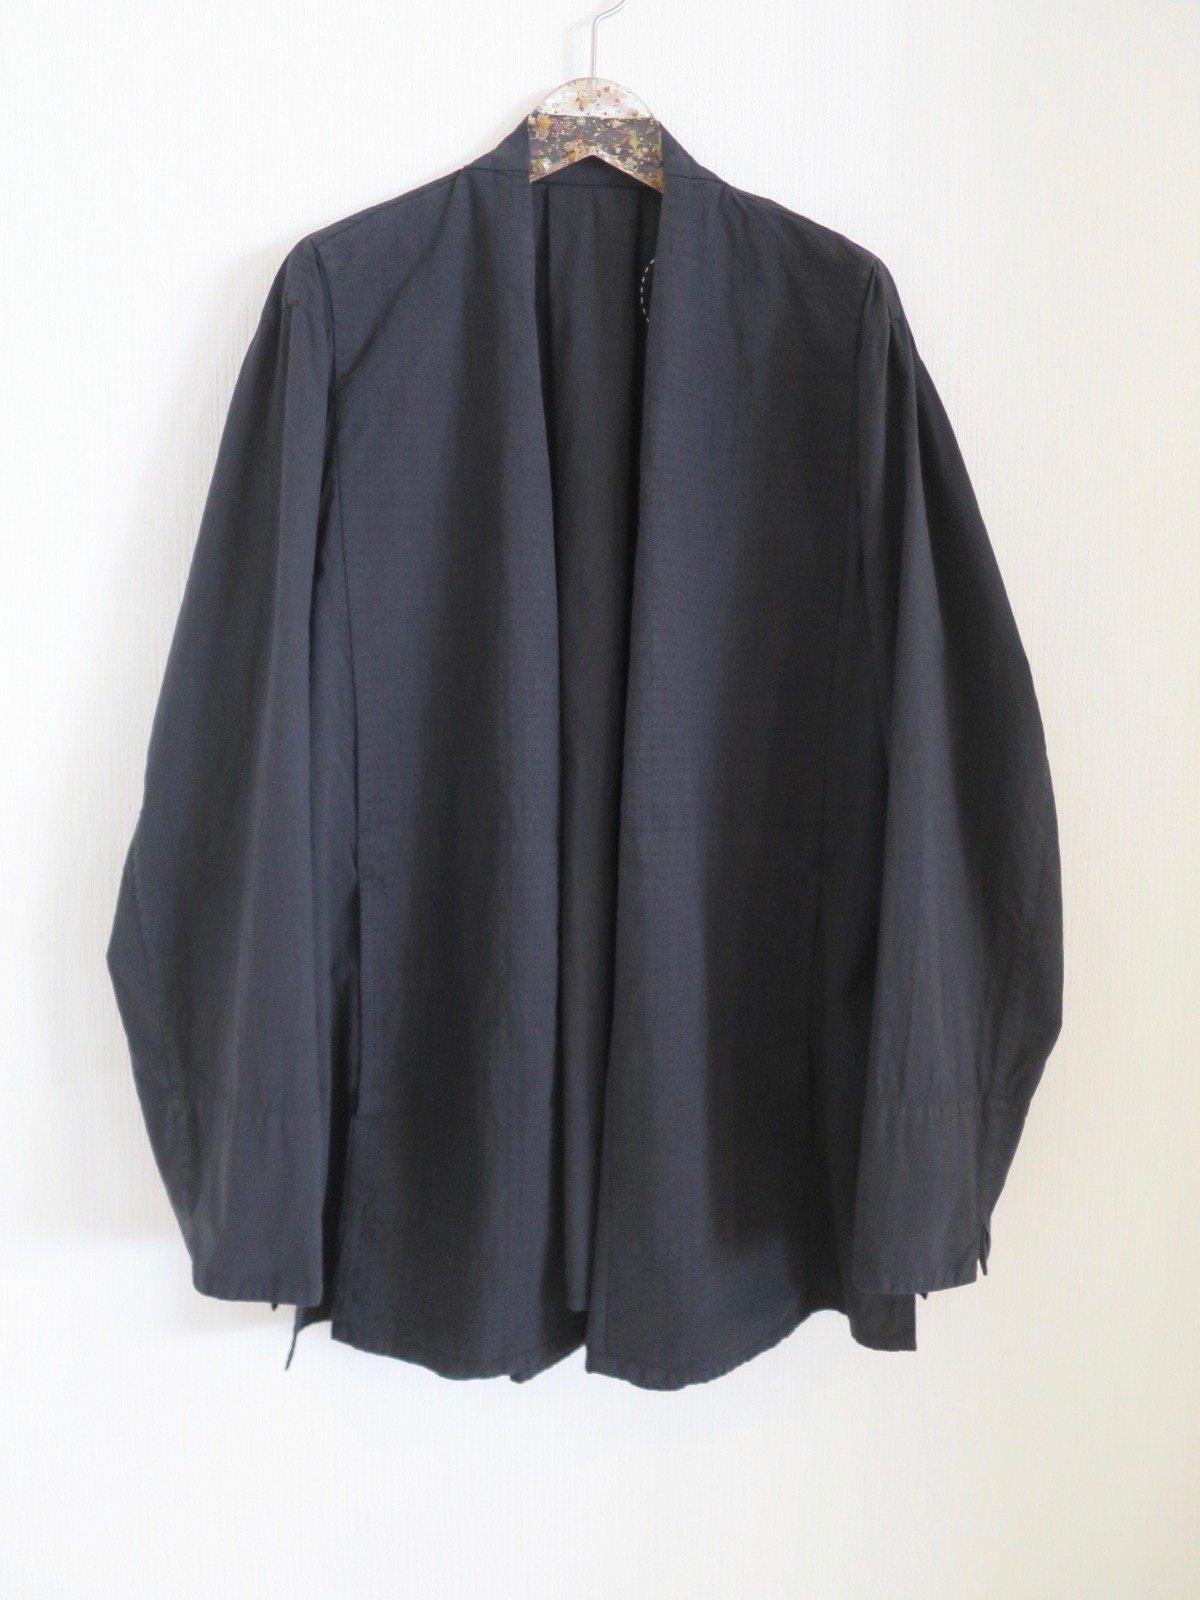 『COSMIC WONDER』やま野衣のさしこ羽織り